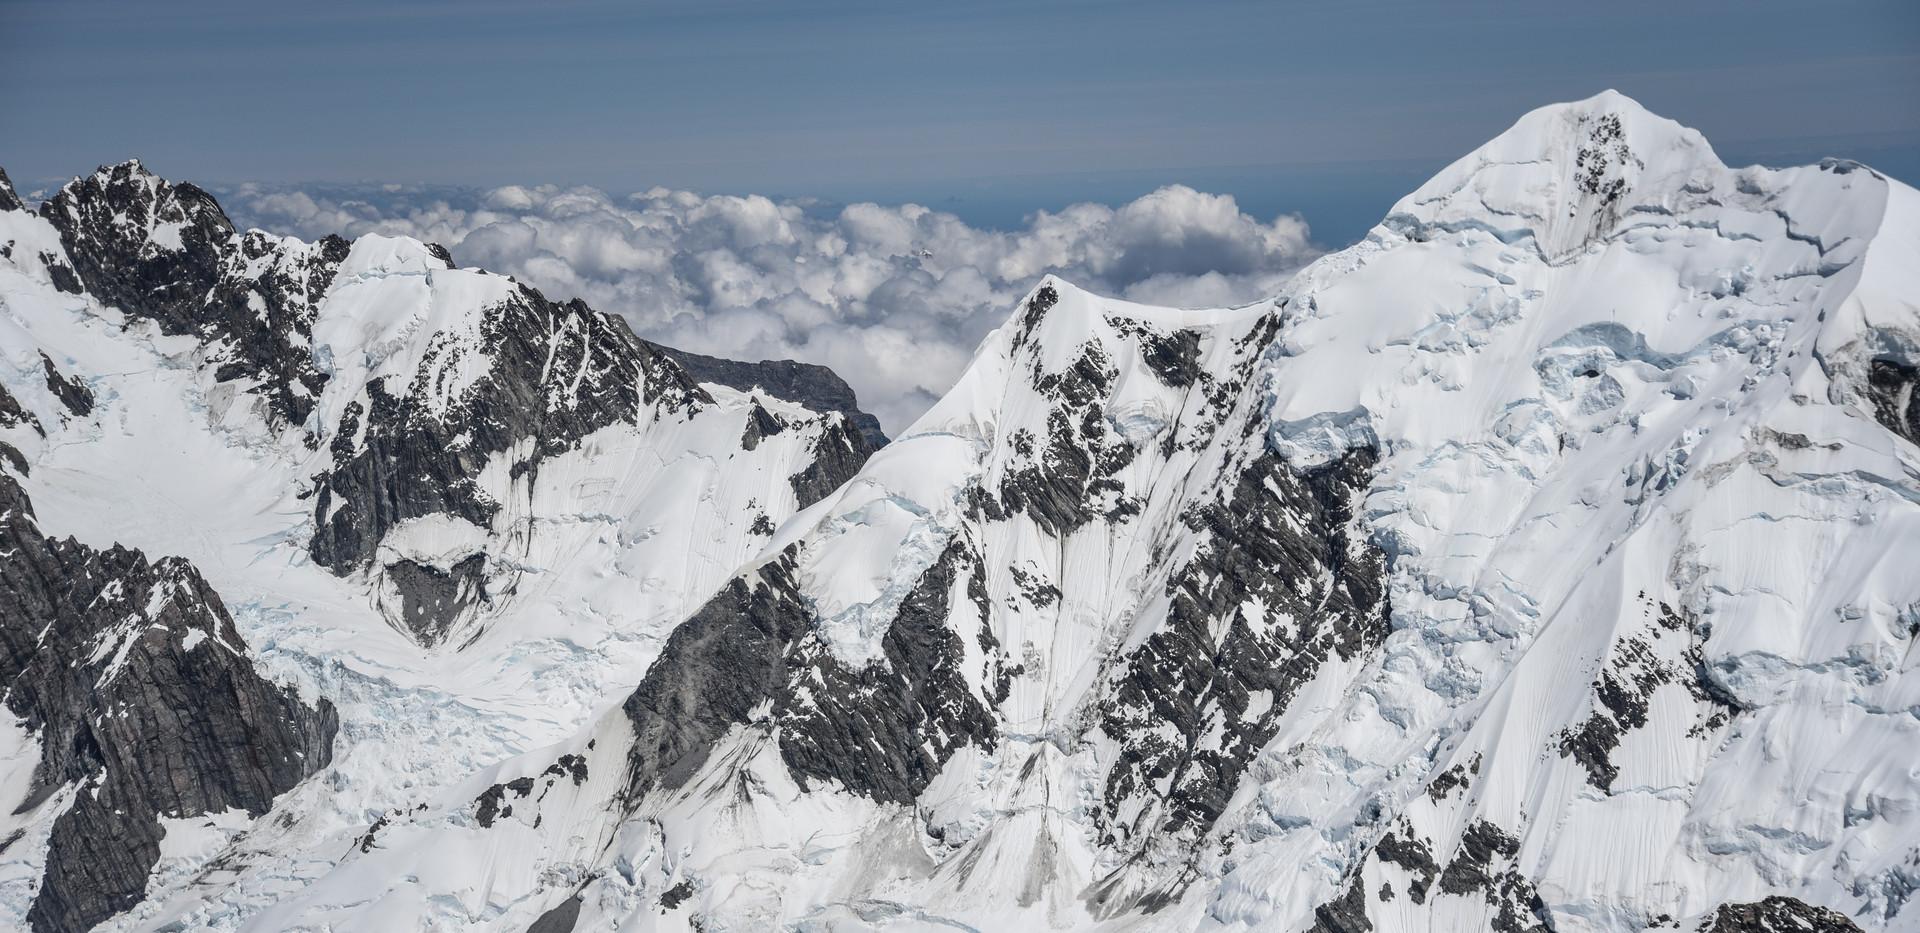 All the Peaks